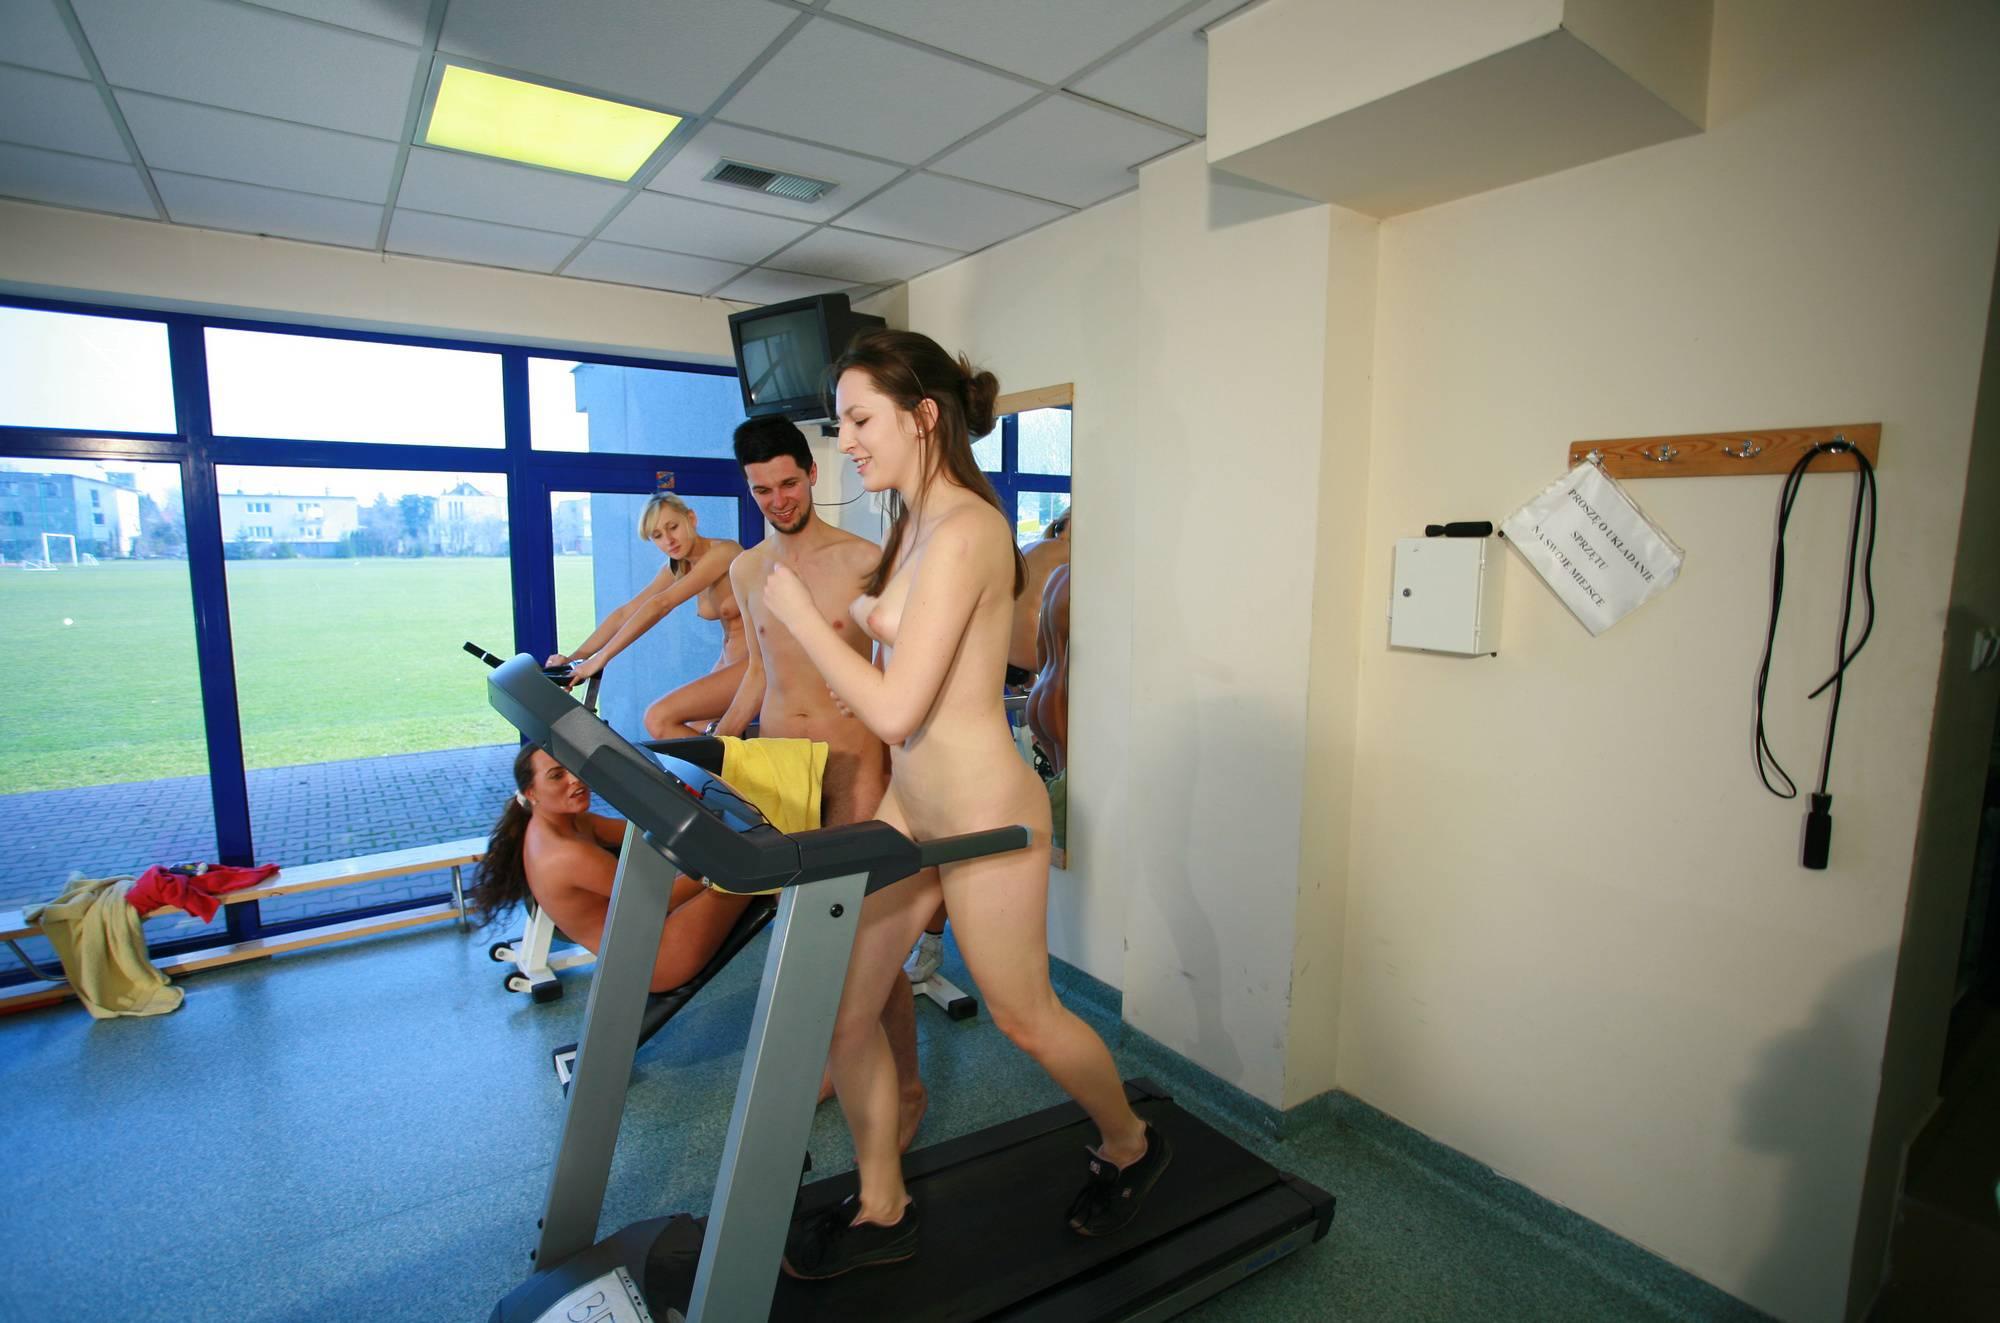 Scuba Gym 2nd Workout - 1